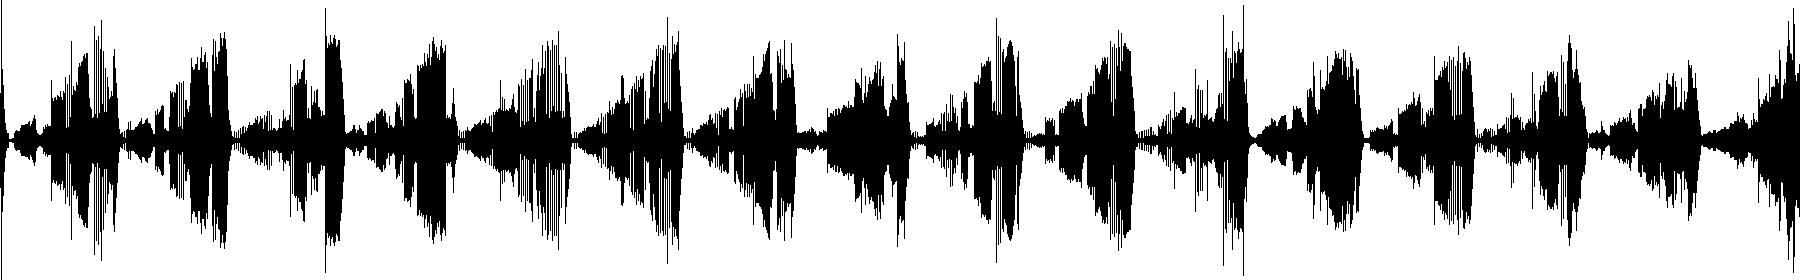 mario synthloop 128